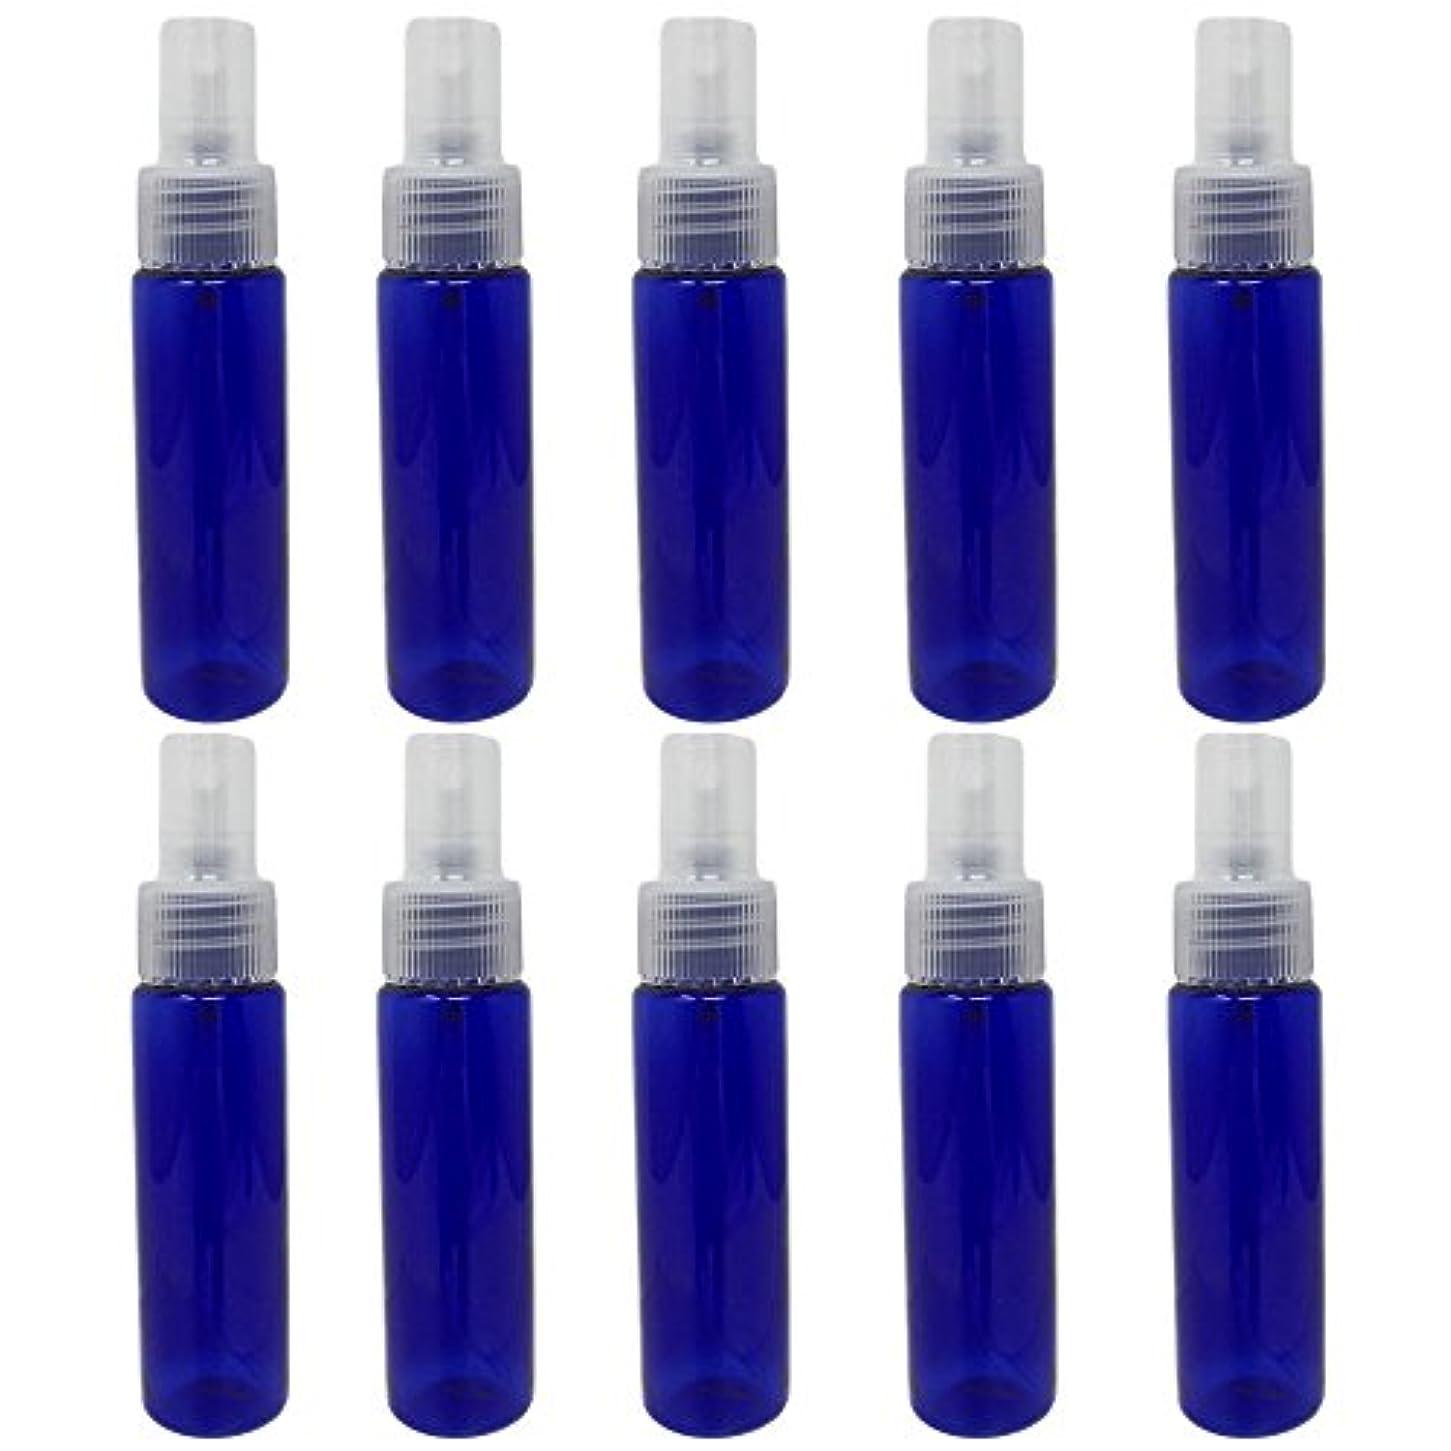 永続追放するシャックル[pkpohs] スプレーボトル 霧吹き スプレー 小分け ボトル 保存容器 化粧水 コスメ 携帯用 (30ml/10本)